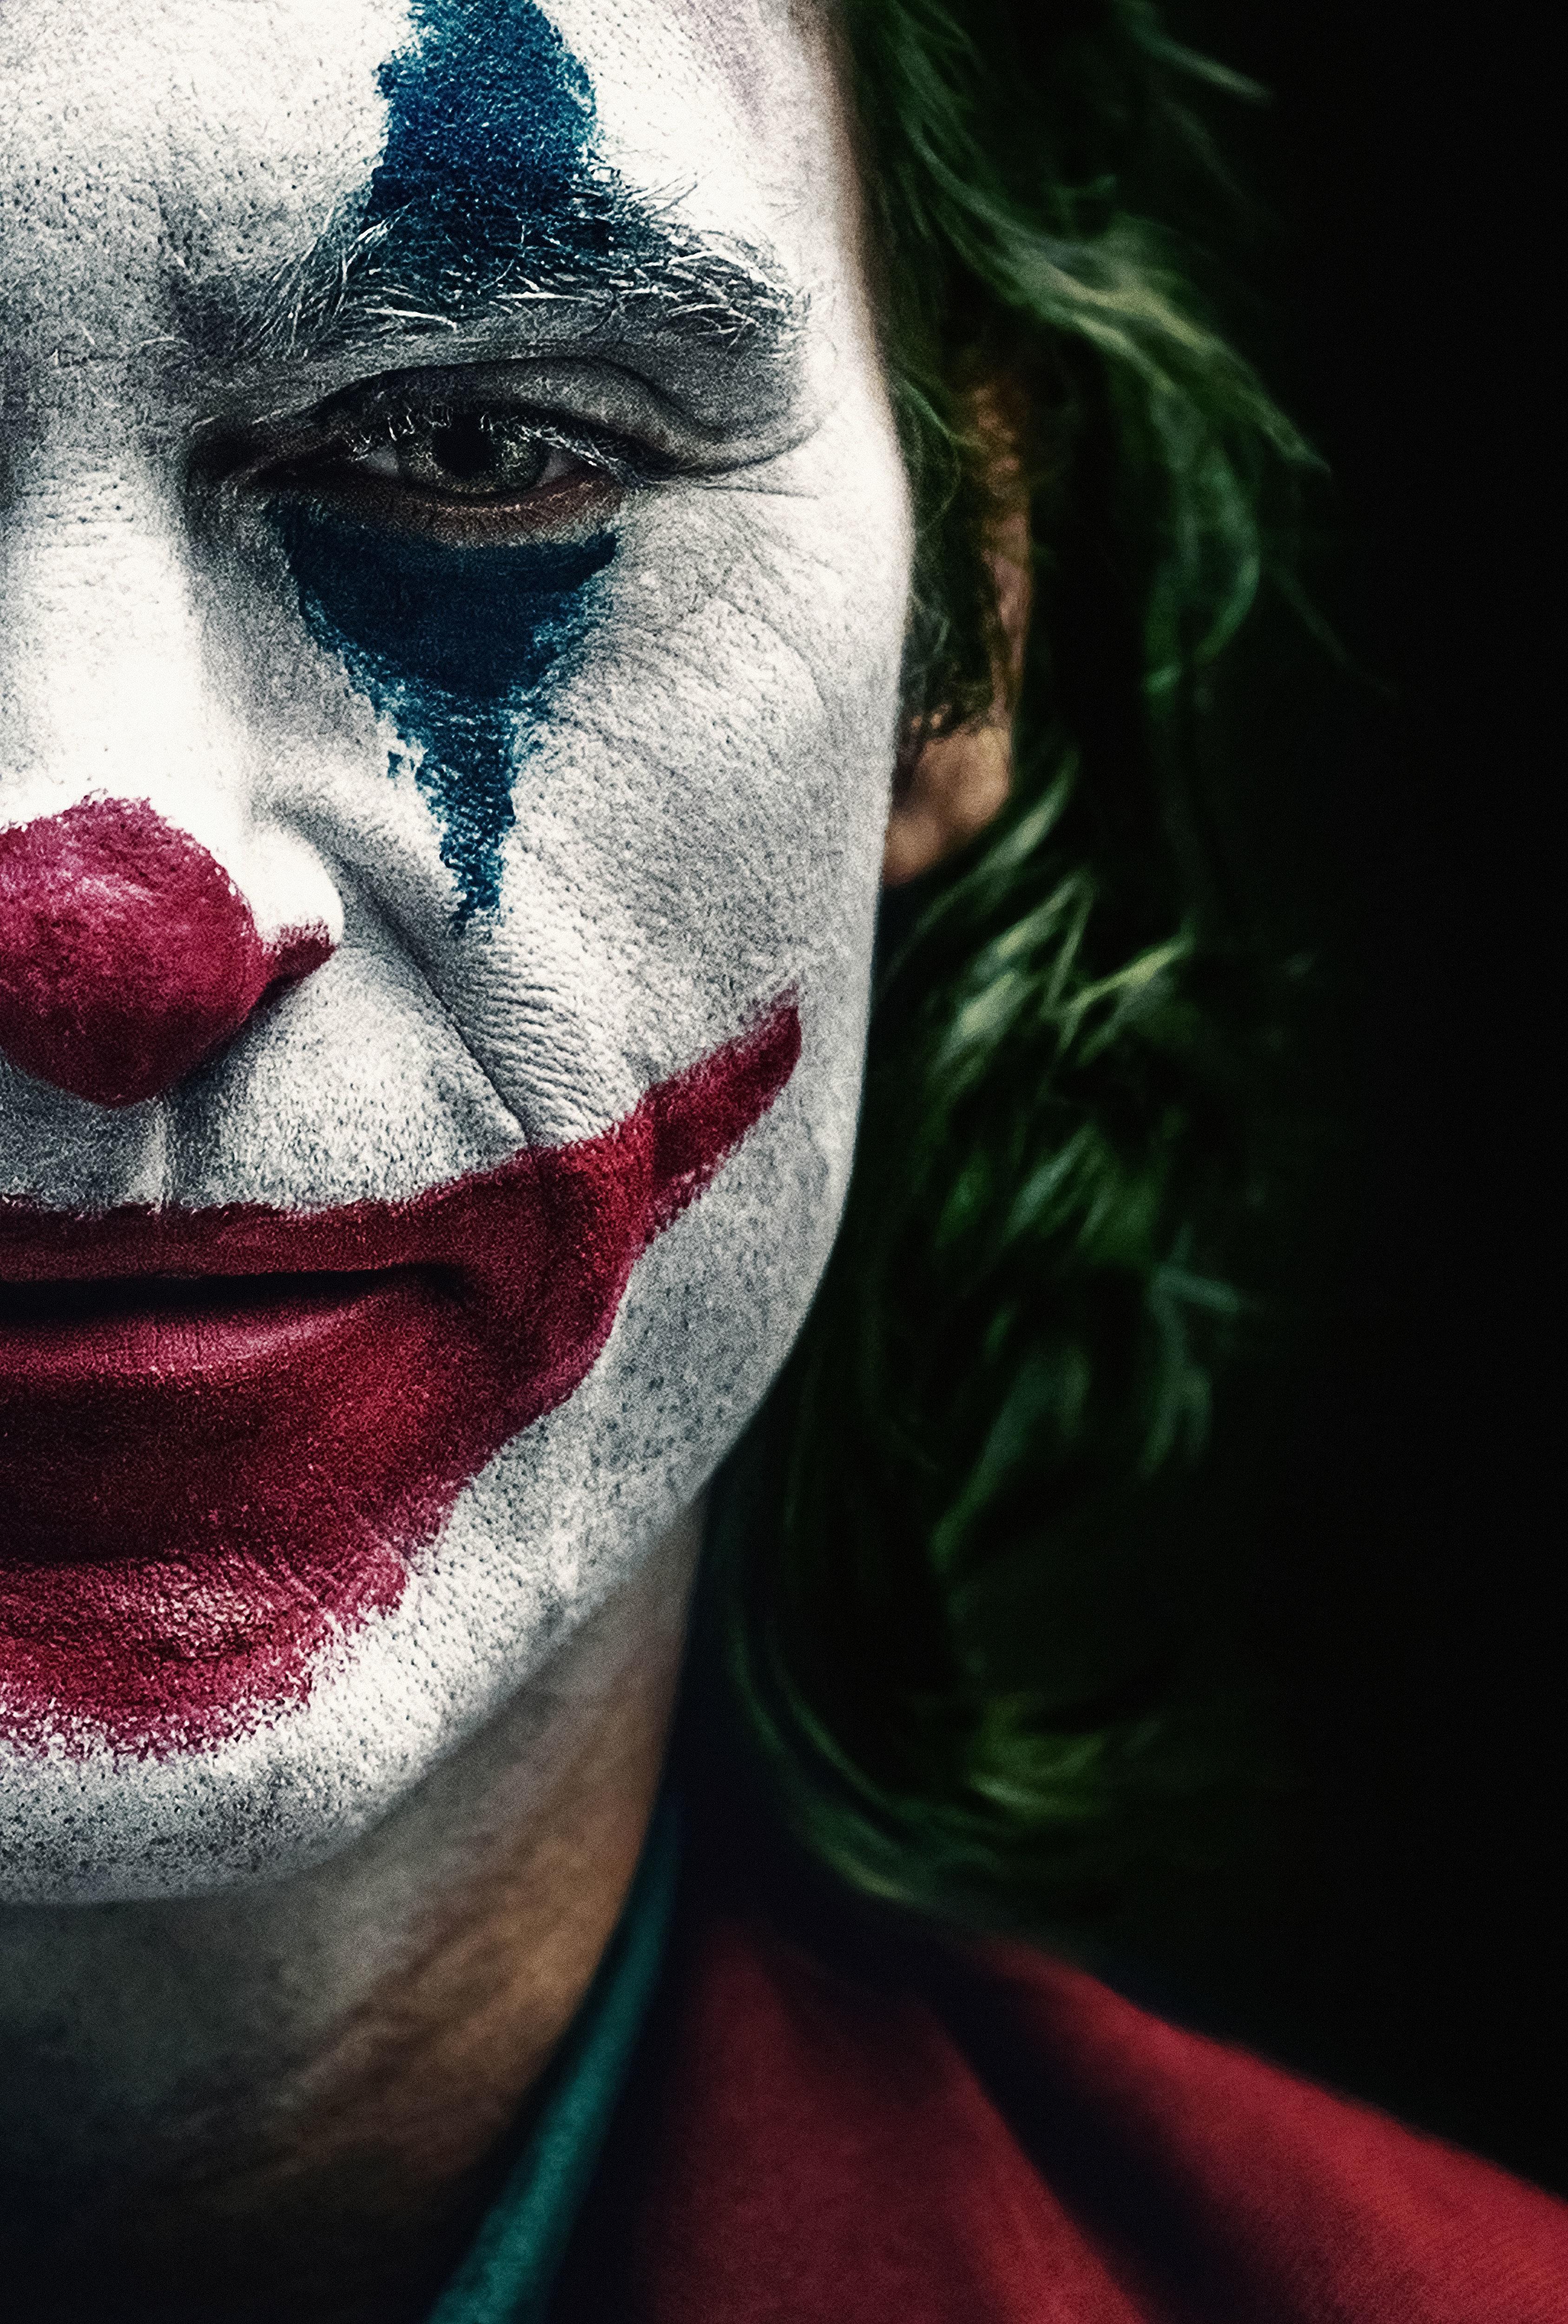 Download Wallpaper Joker Hd 2019 HD  Cikimm.com